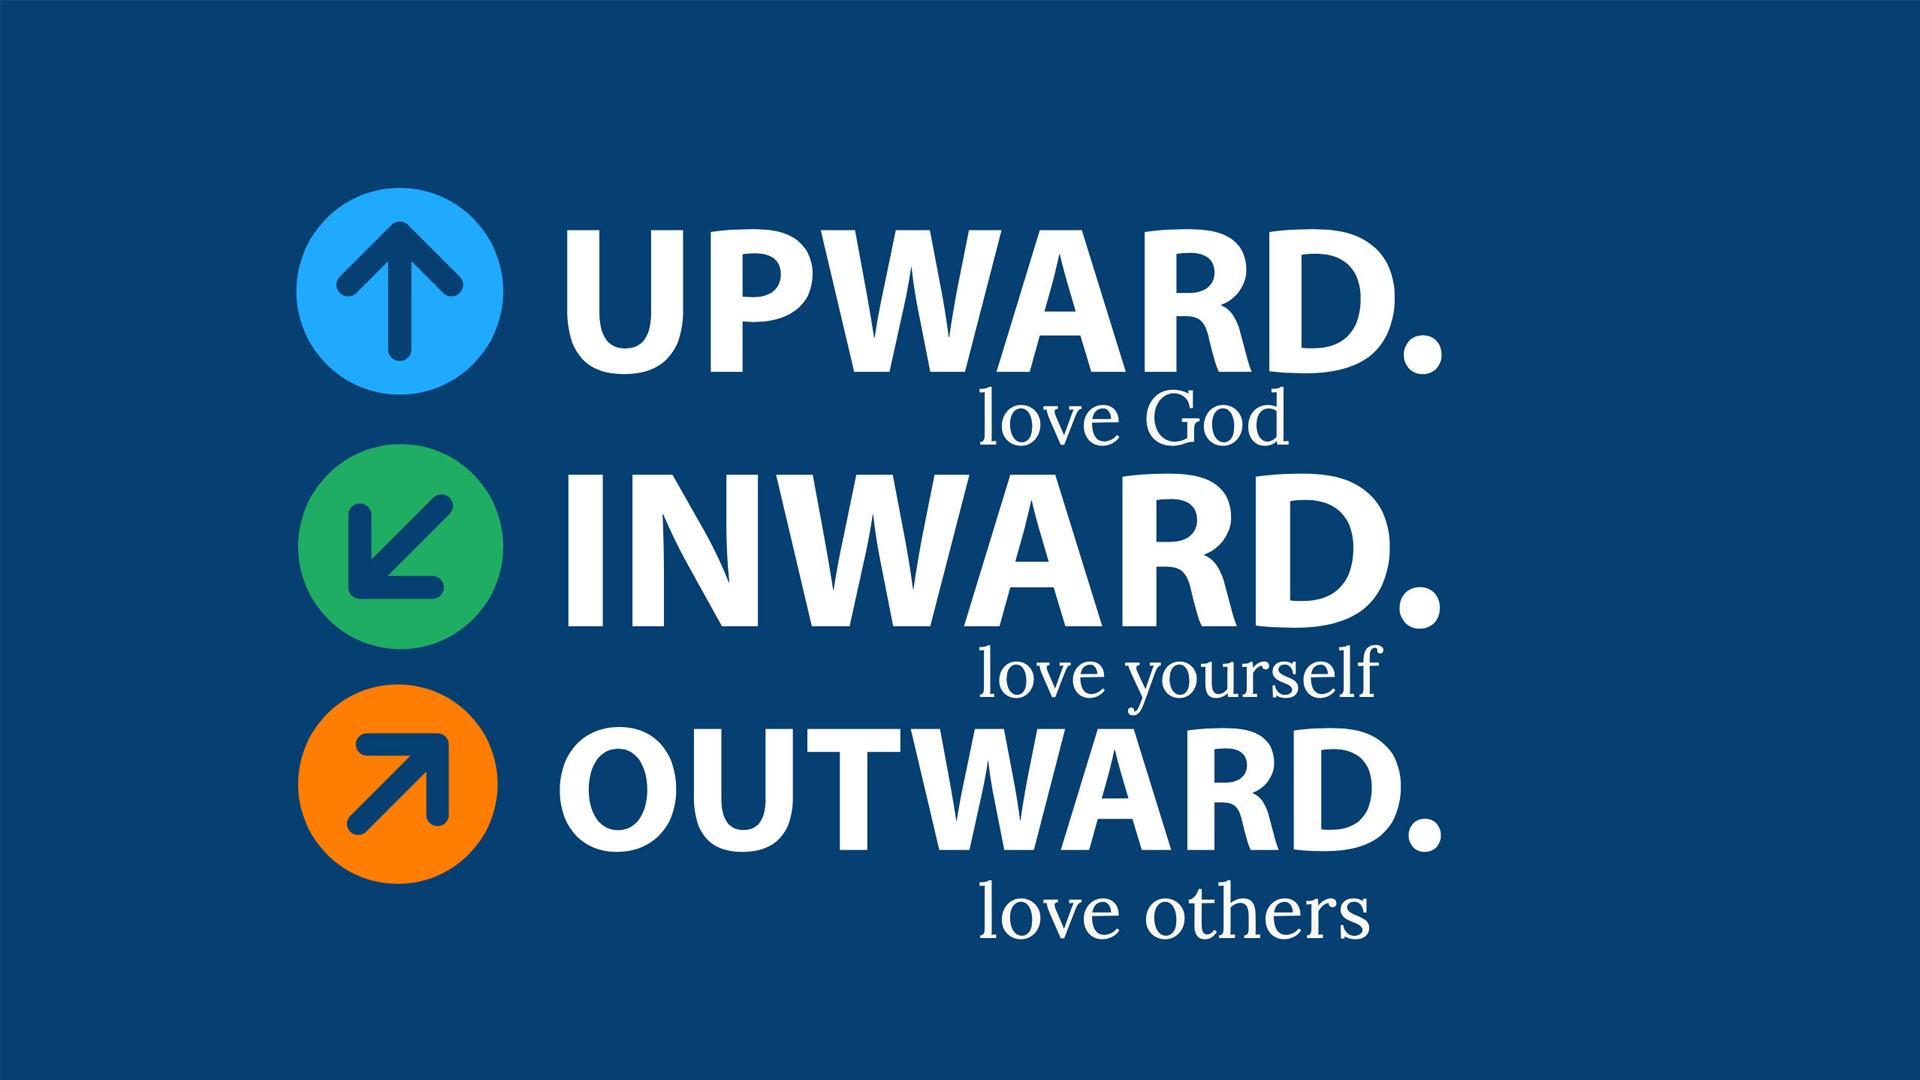 Upward, Inward, Outward